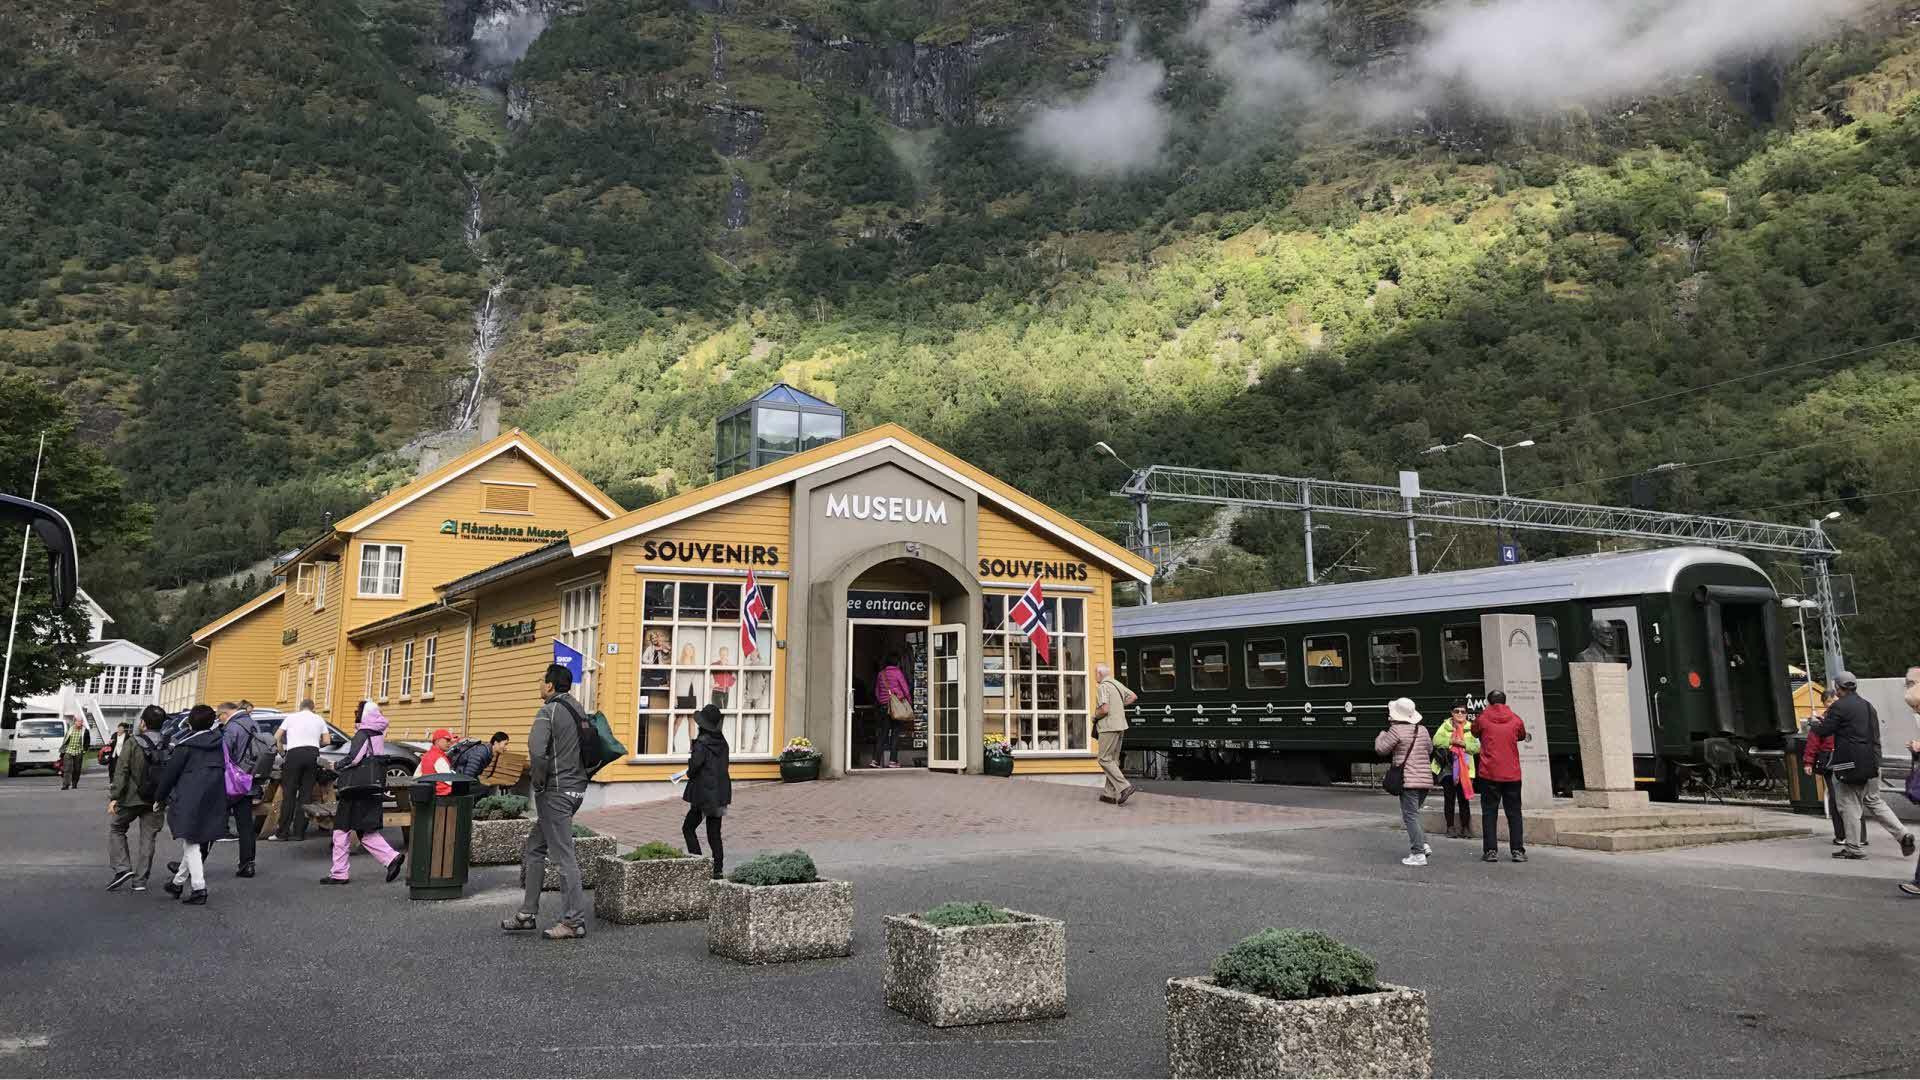 Inngang Flåmsbanamuseet med et gammelt togsett parkert utenfor, høye fjell i bakgrunnen. Folk tar bilder og koser seg.